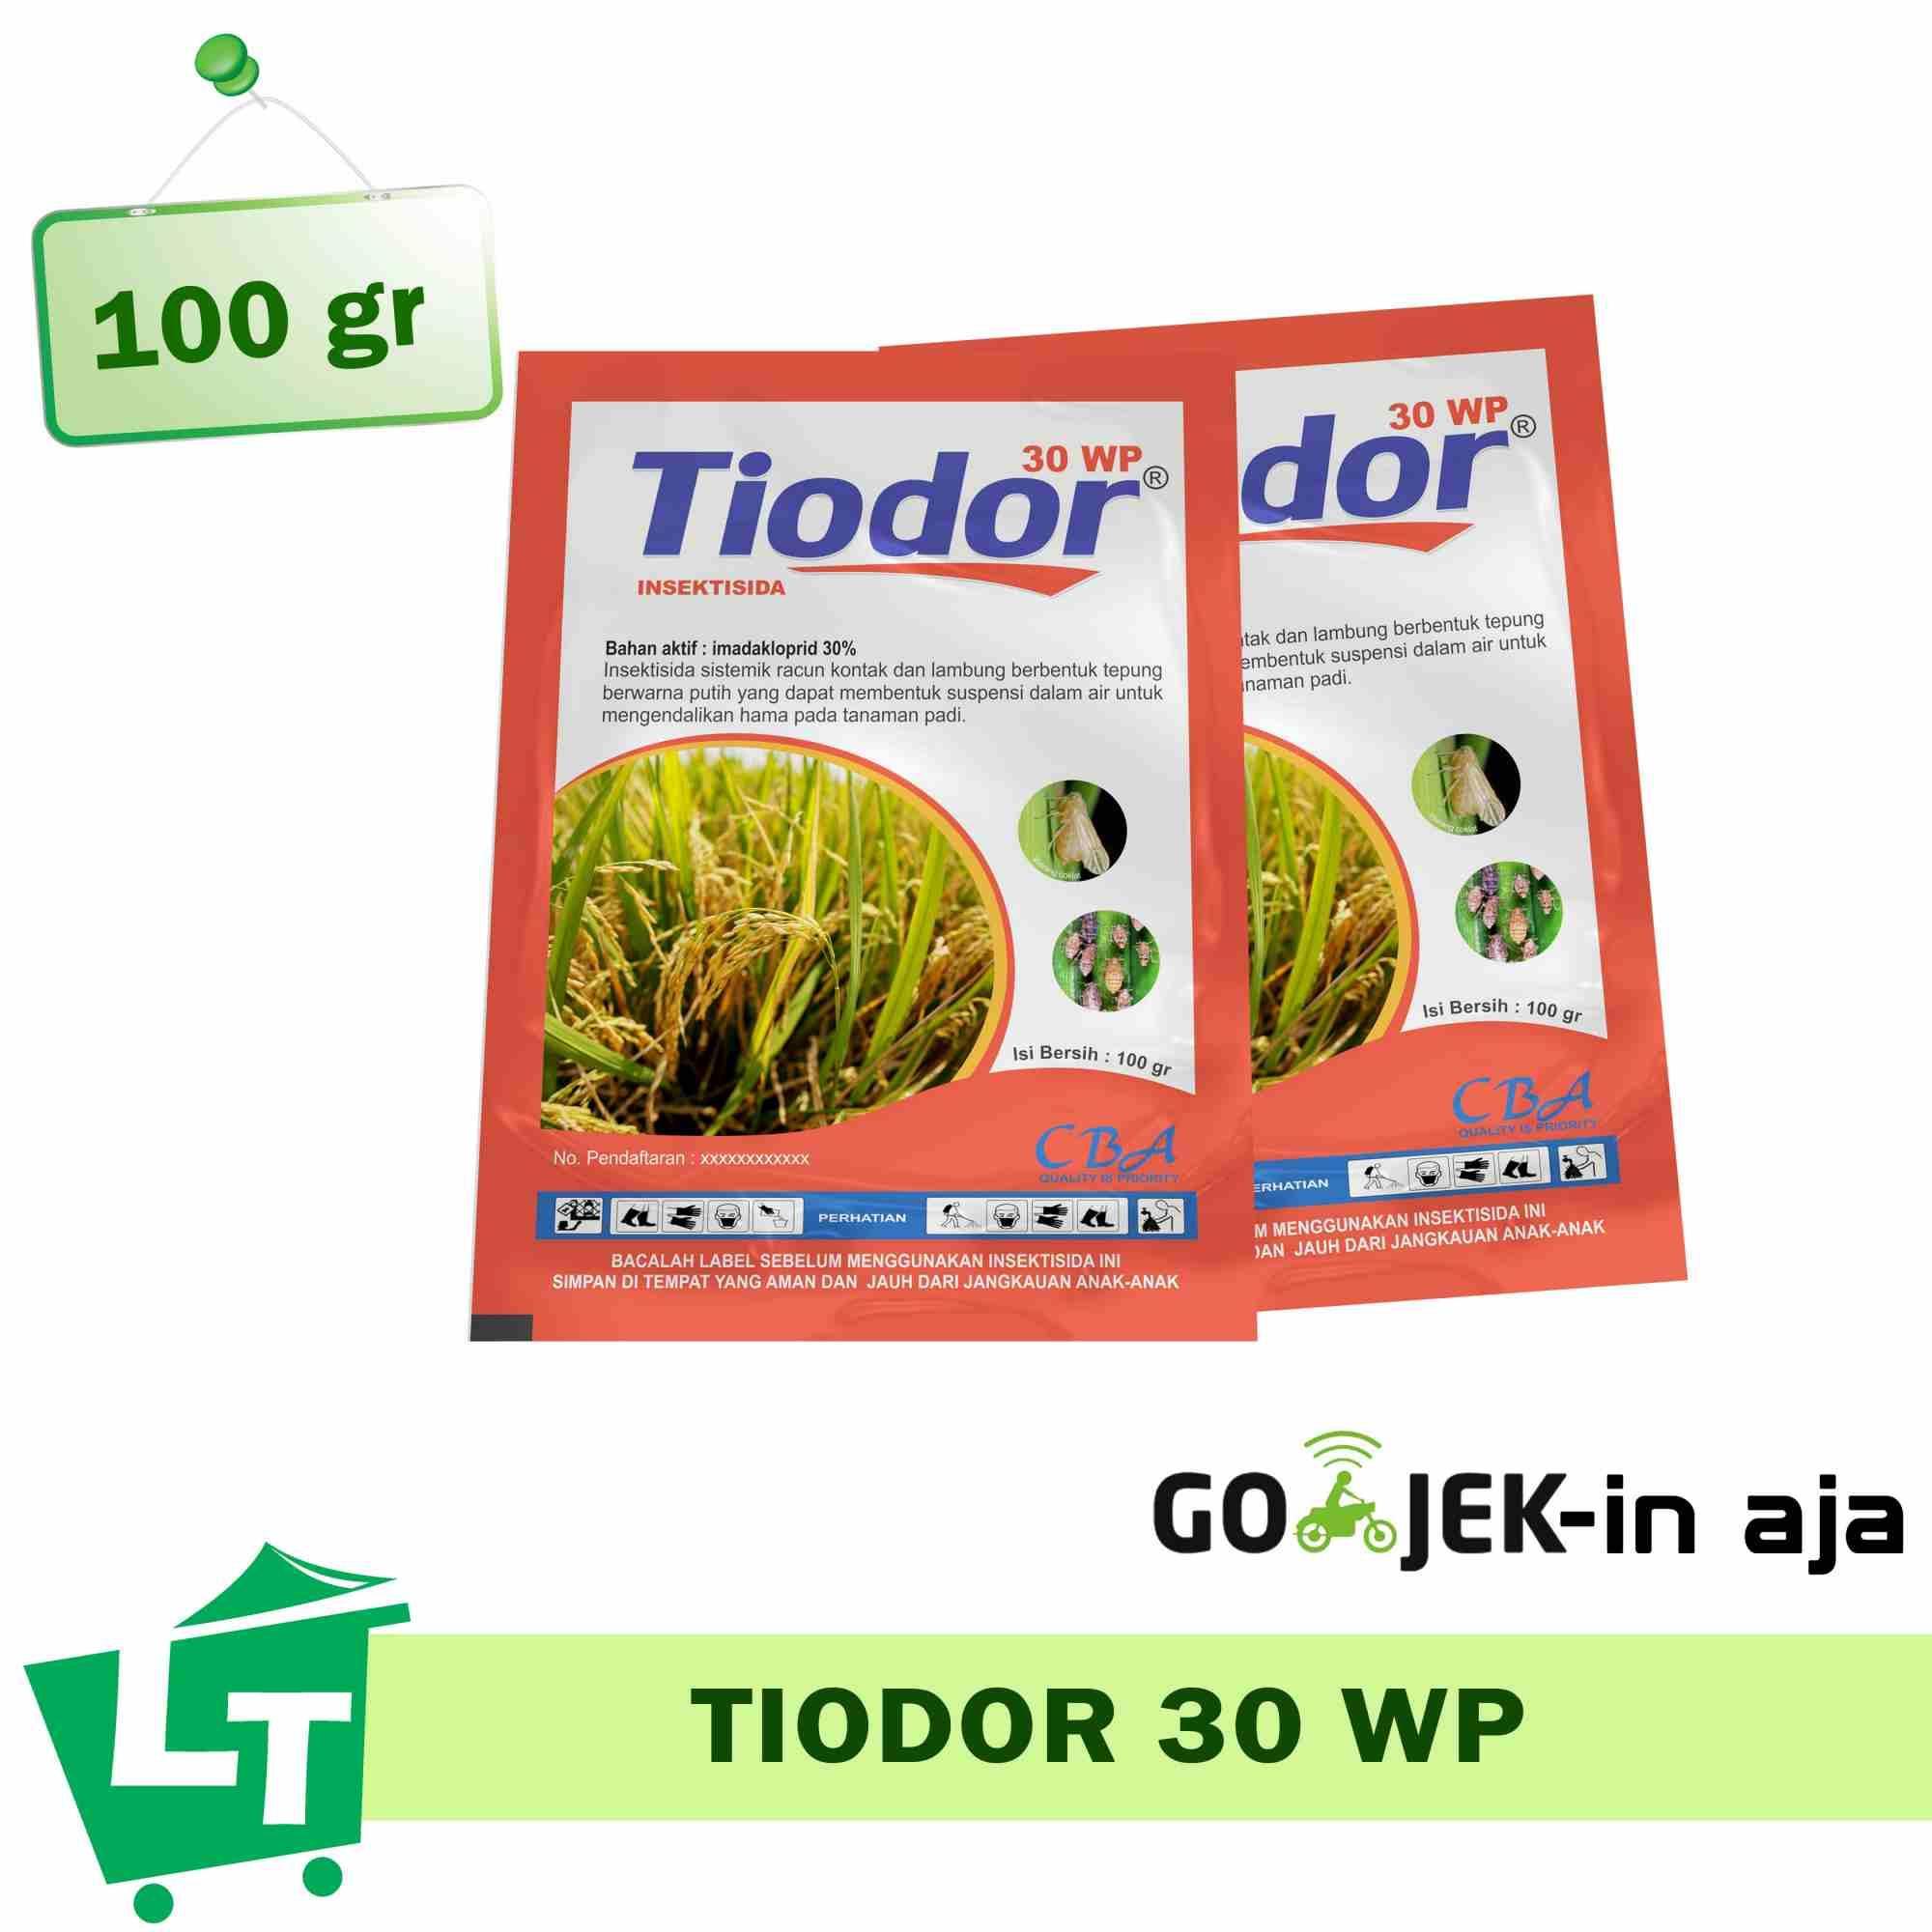 Pestisida imidakloprid  TIODOR 30 WP 100 gram obat pembasmi hama wereng tanaman padi sawah